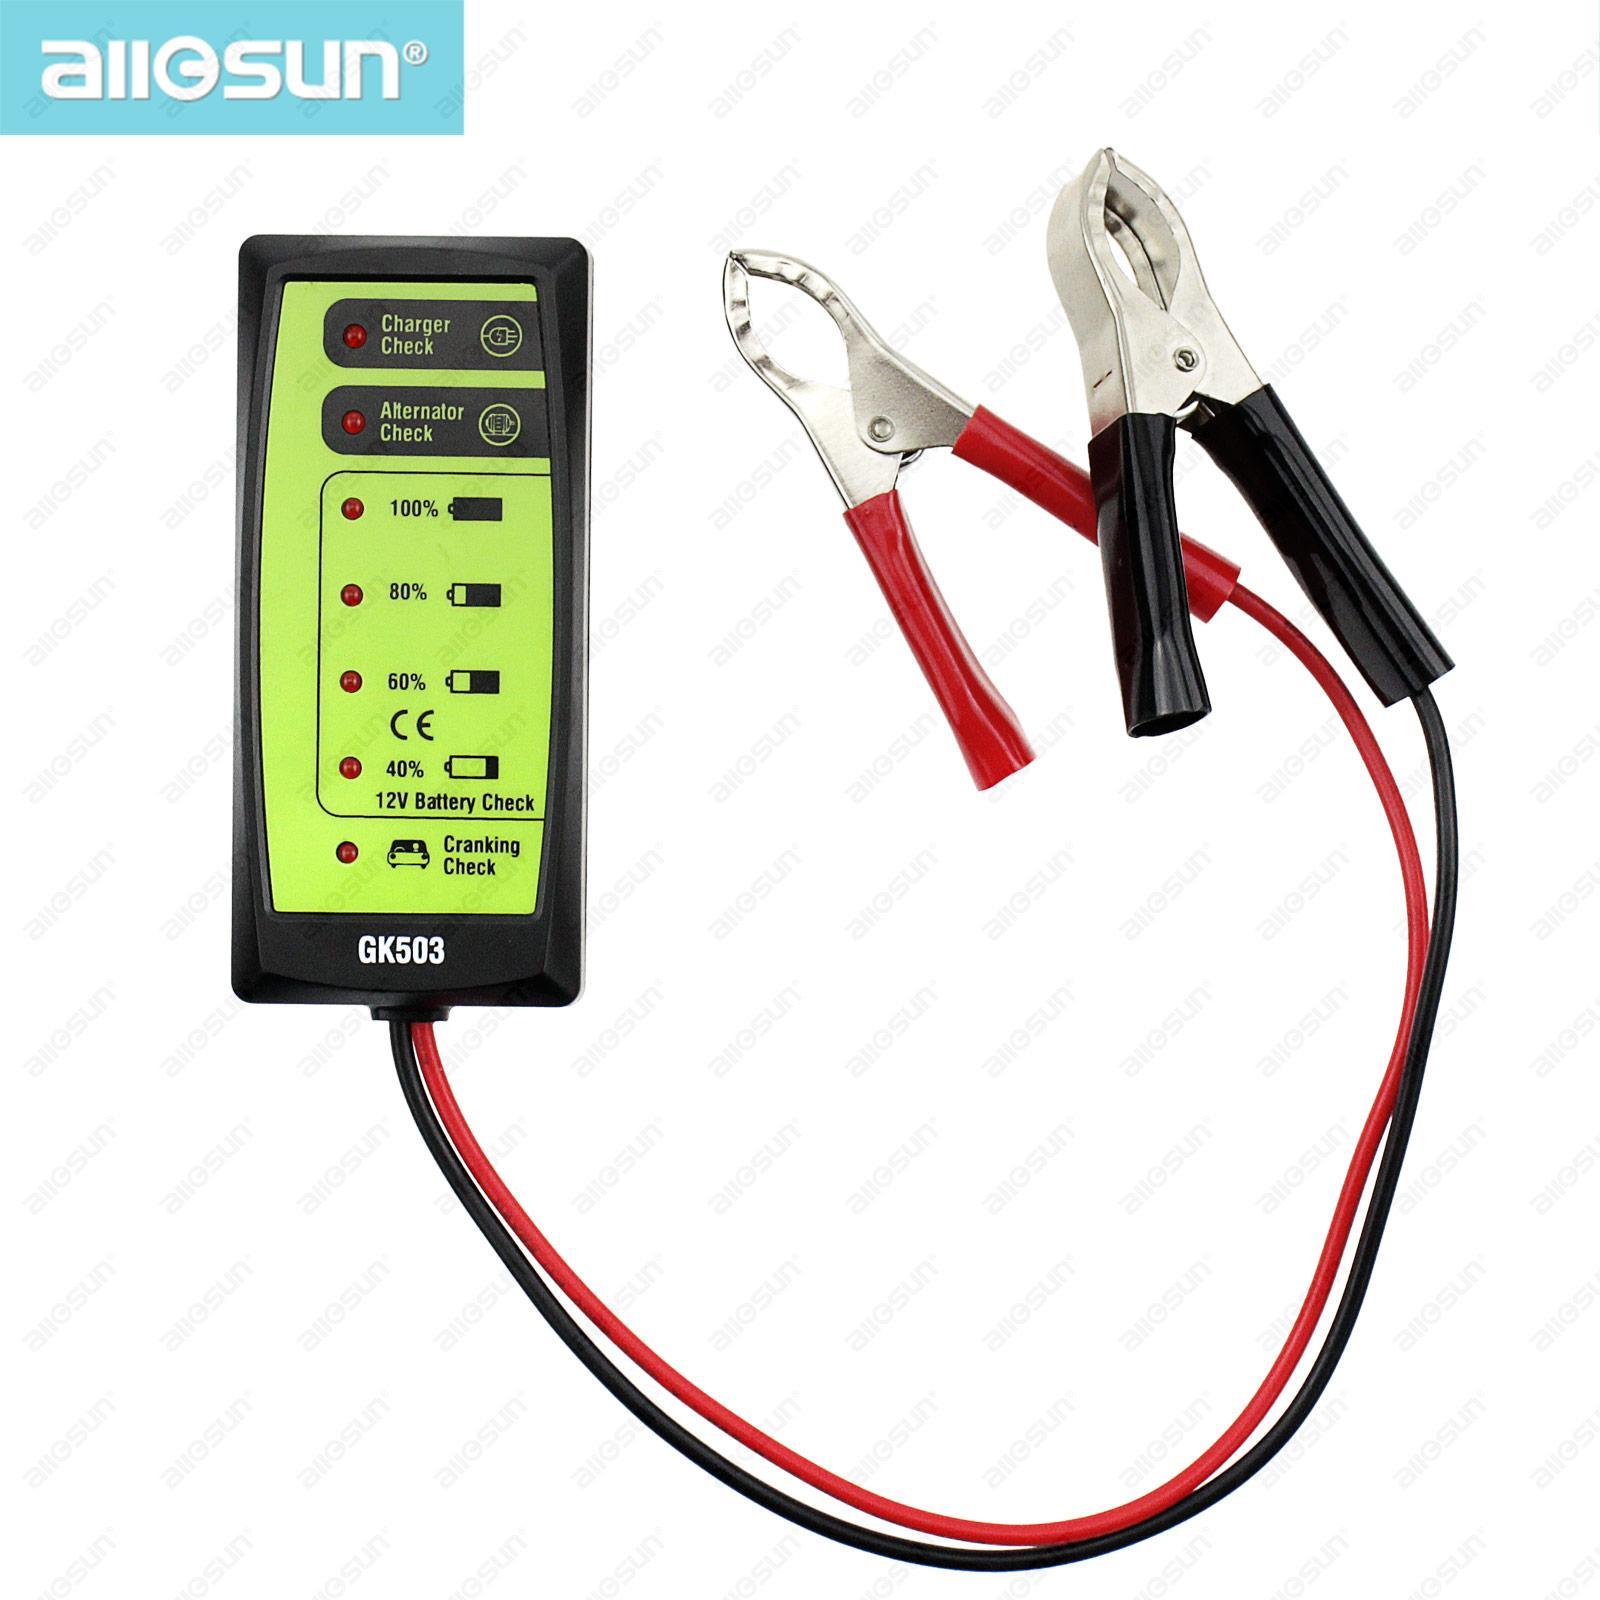 LED 표시 모델 모든-일 GK503 가진 자동 저장 배터리 테스터 휴대용 자동차 12V 배터리 테스터 충전기 확인